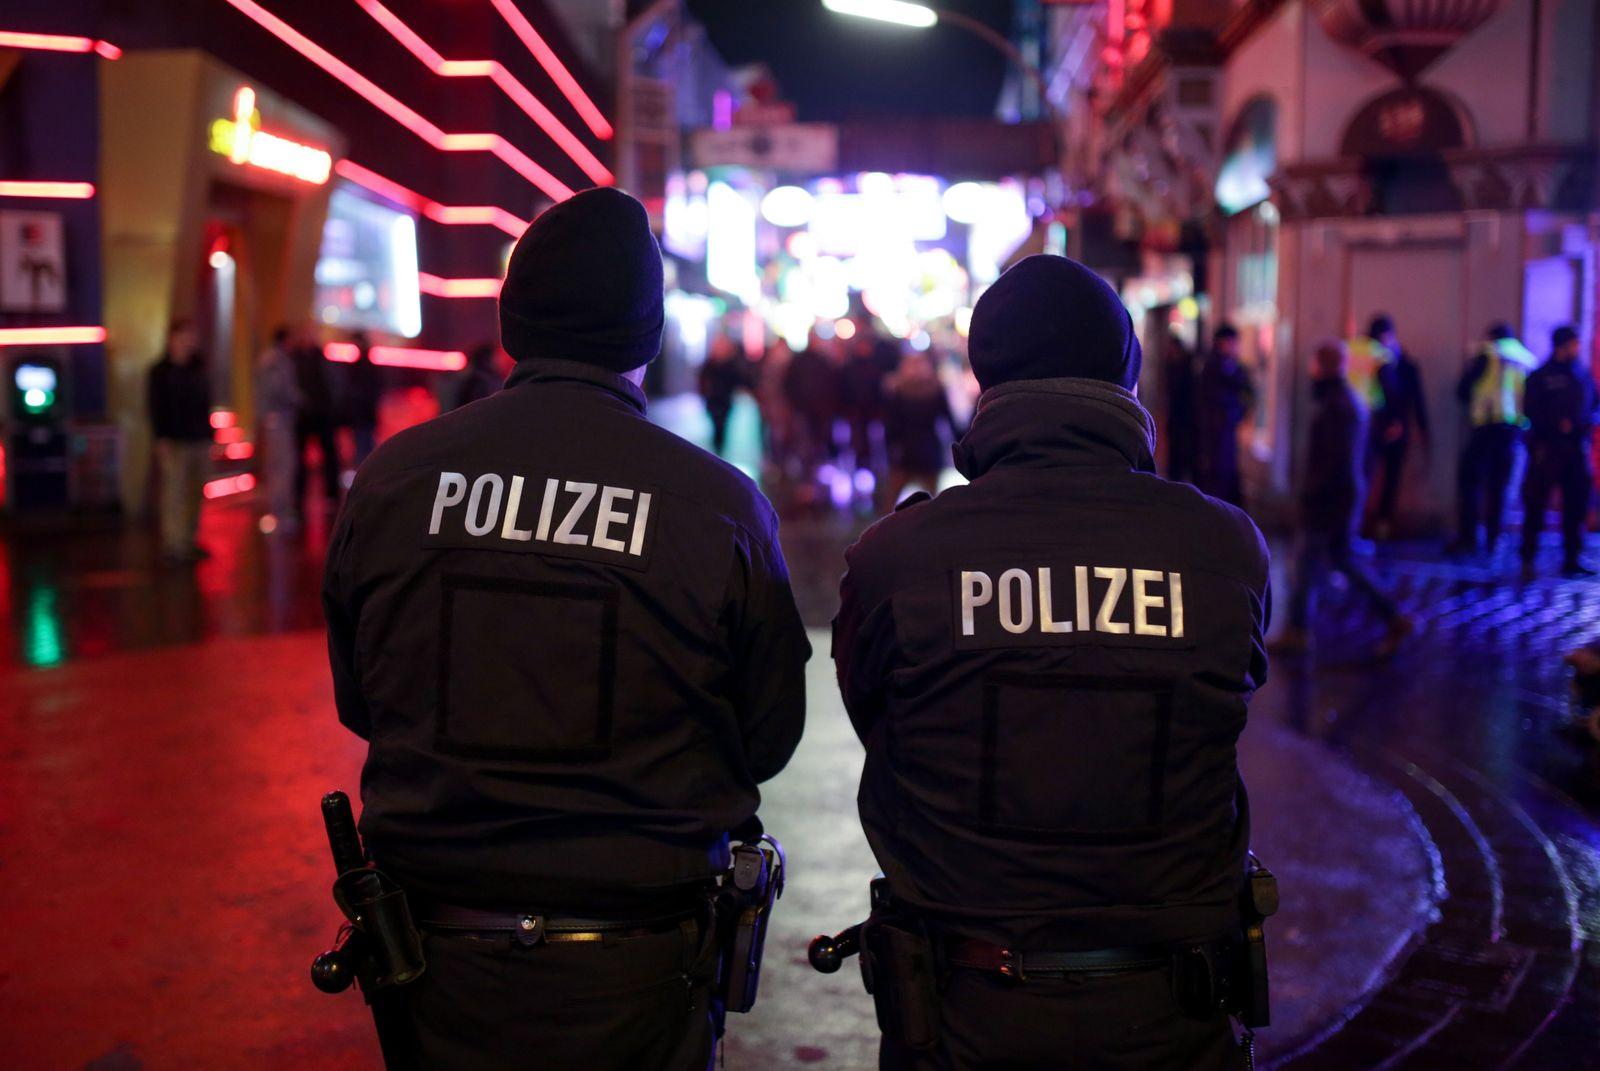 Polizeipräsenz auf Reeperbahn, Hamburg